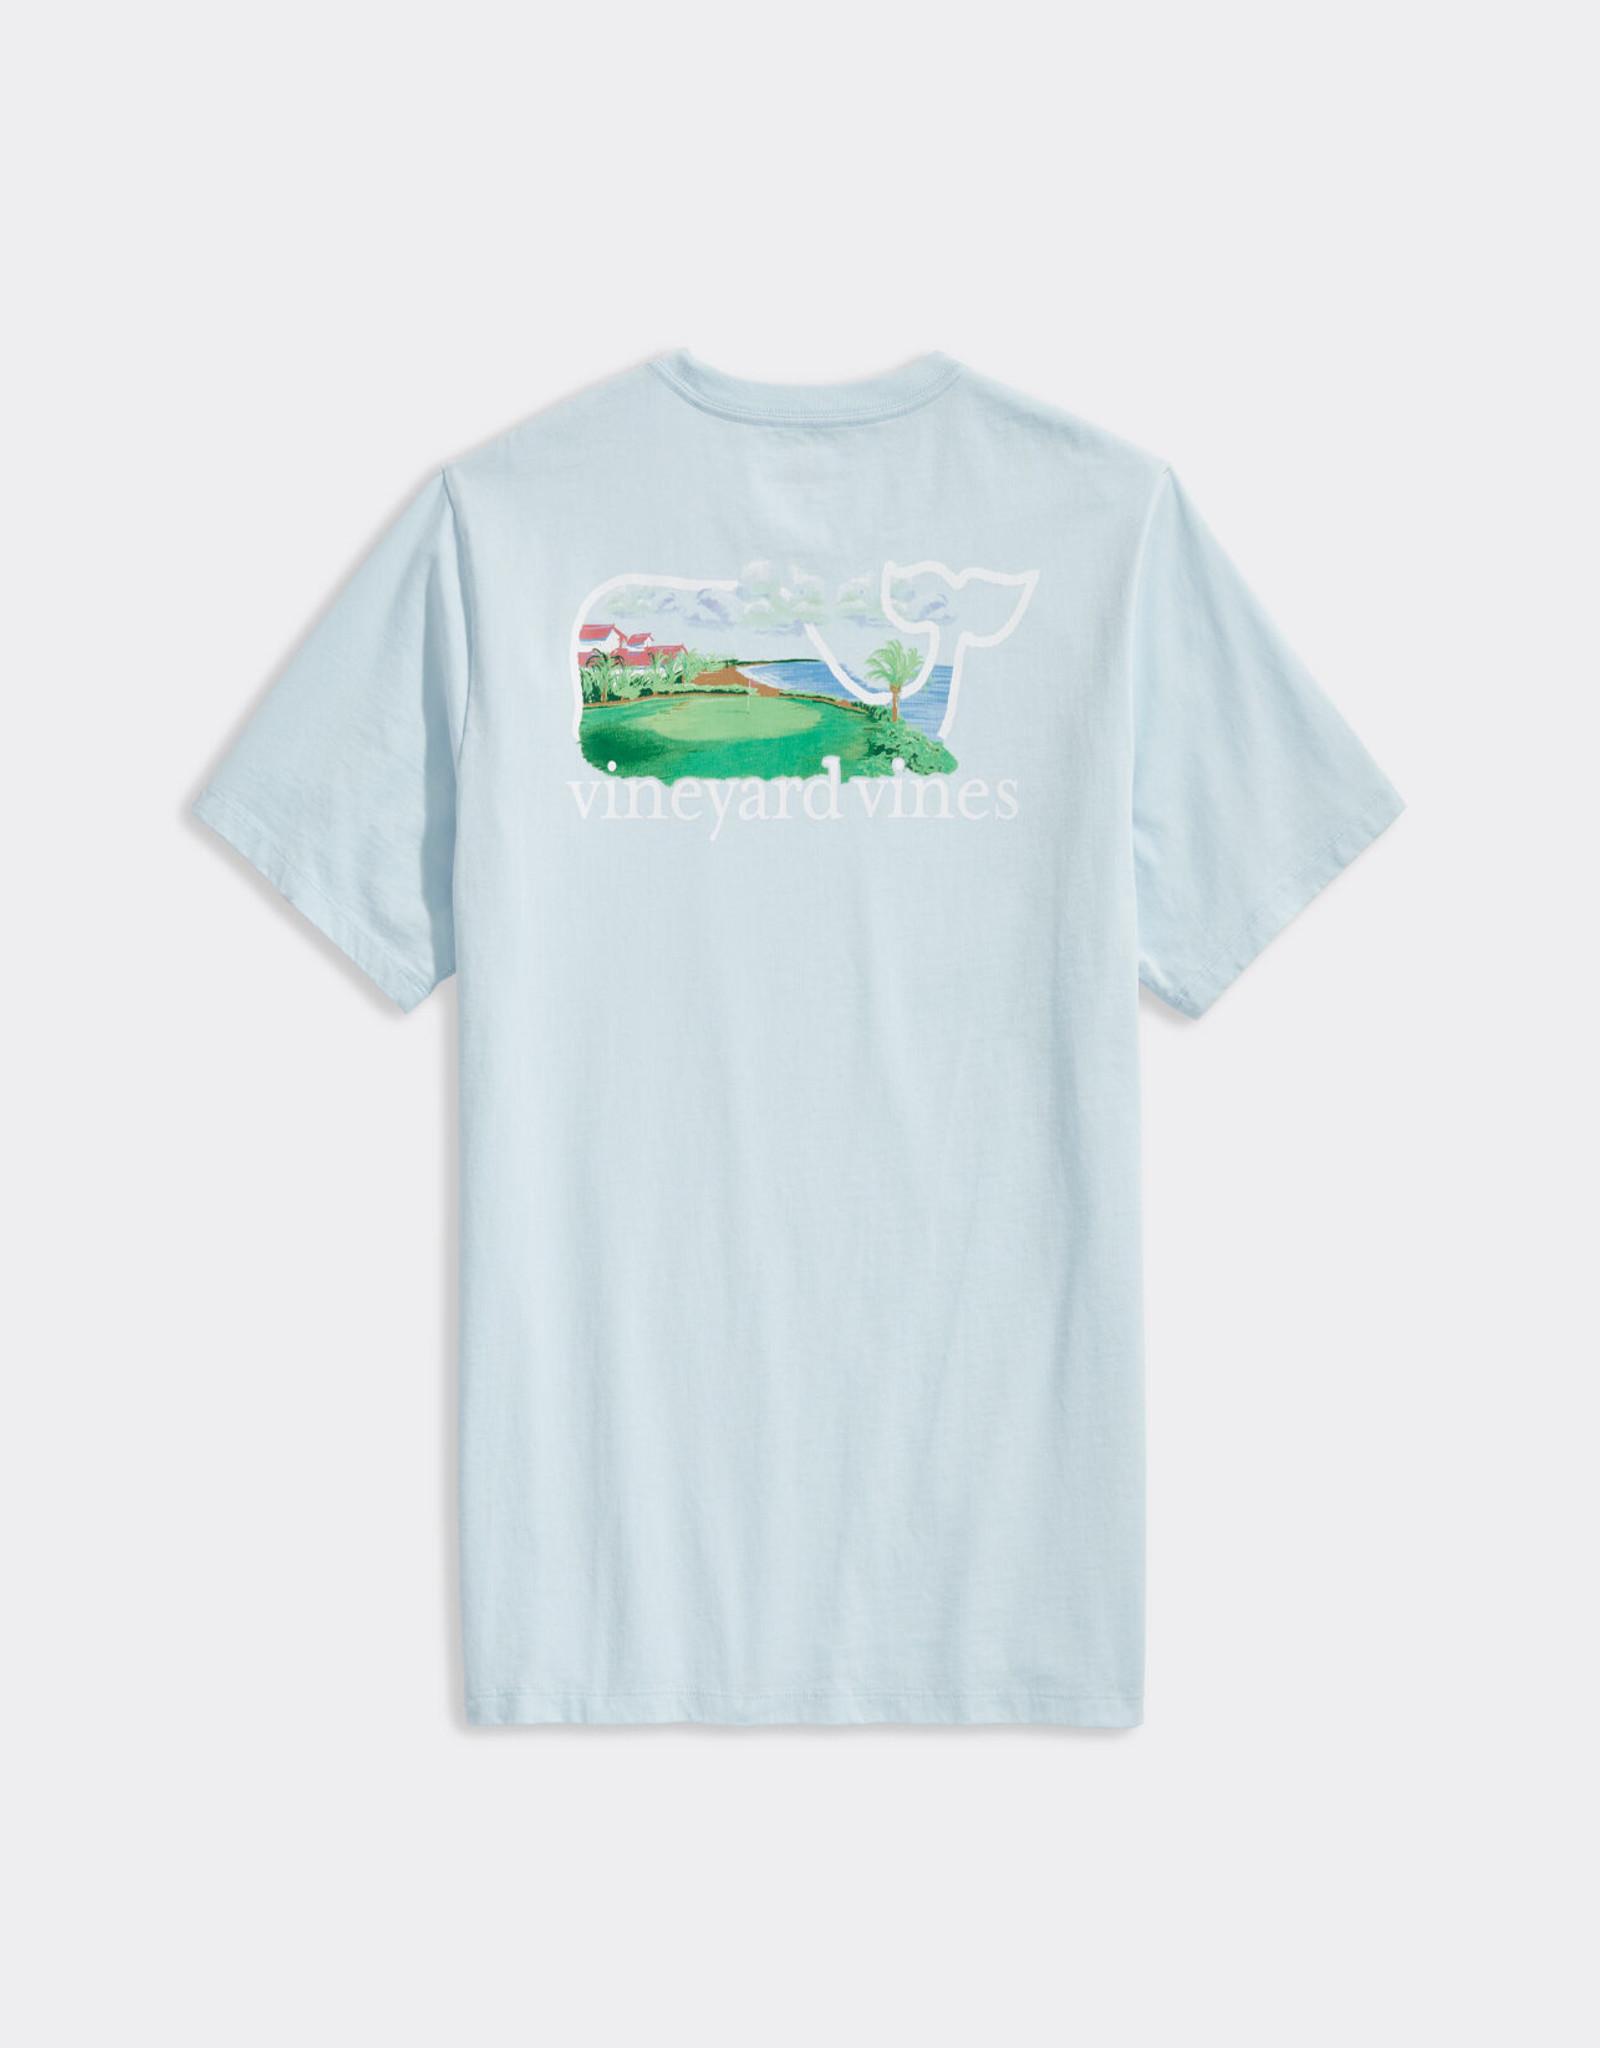 Vineyard Vines Resort Golf Whale Tee